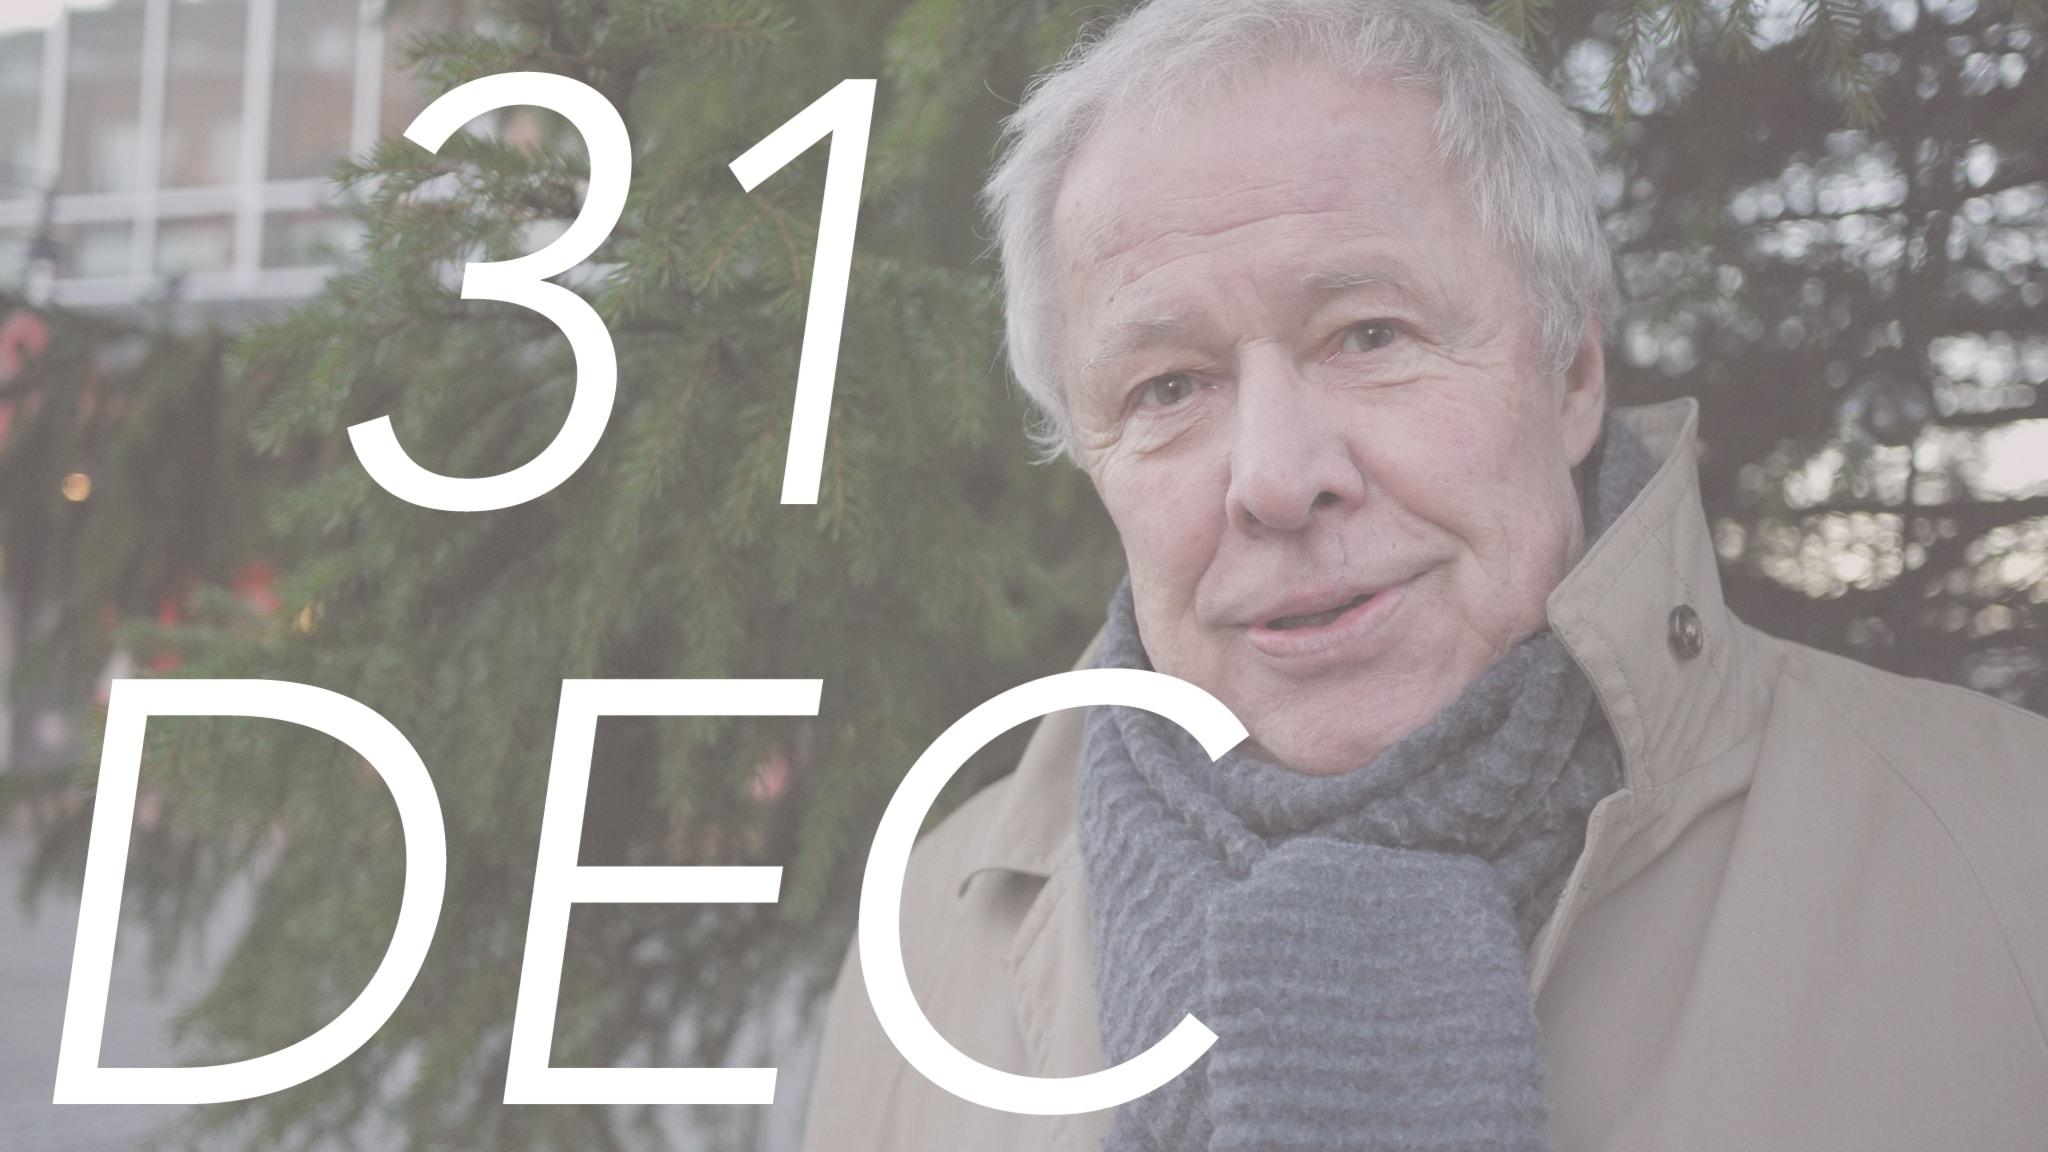 Del 1. En julsaga av Charles Dickens. Sänt i FM 19/12 2011.